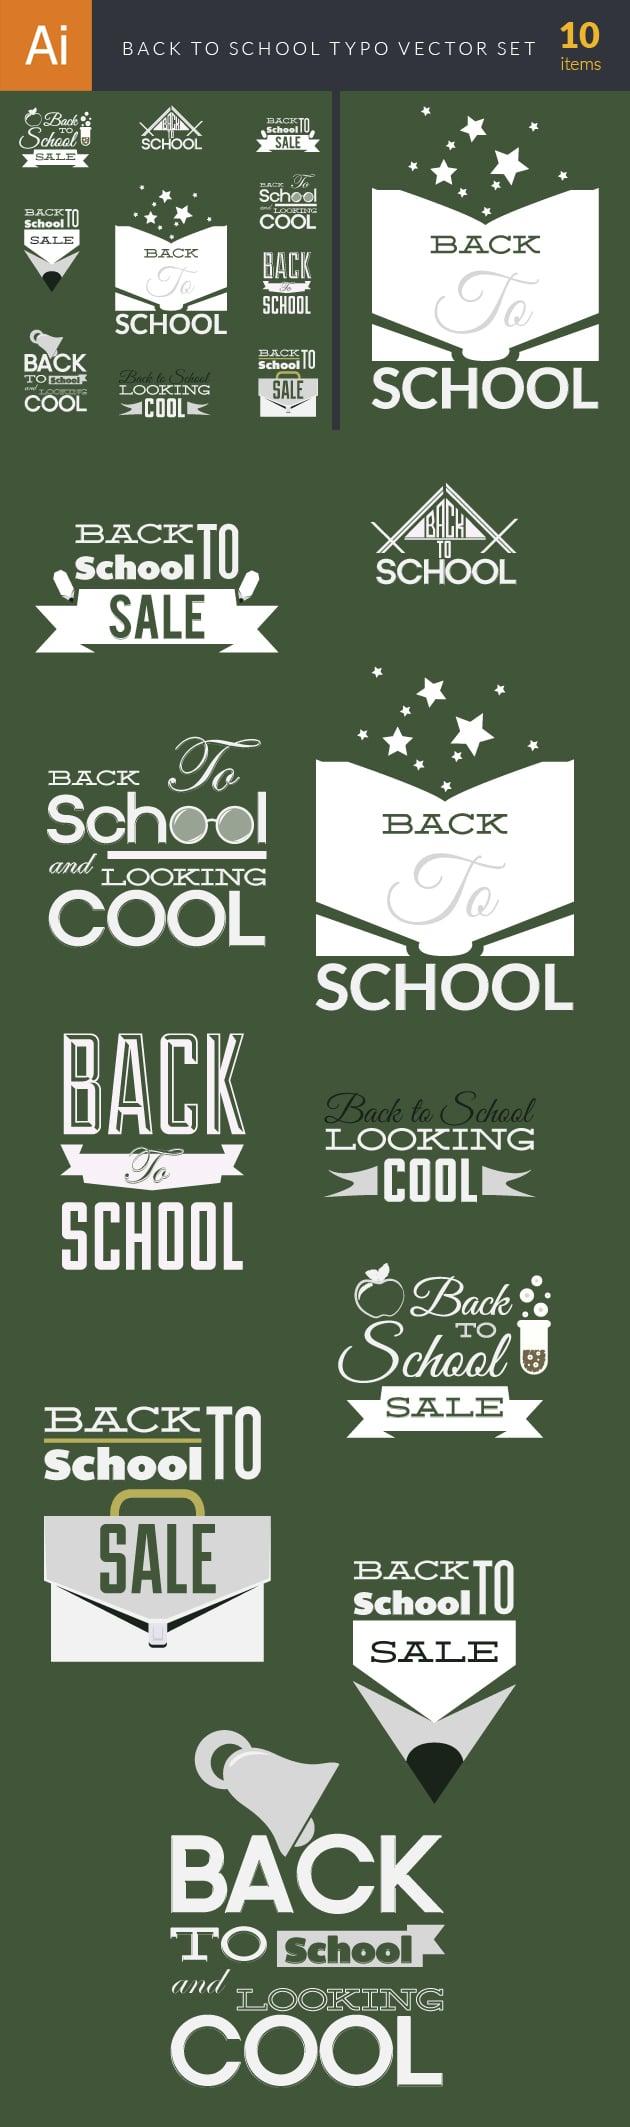 designtnt-back to school vector typography set 1-vector